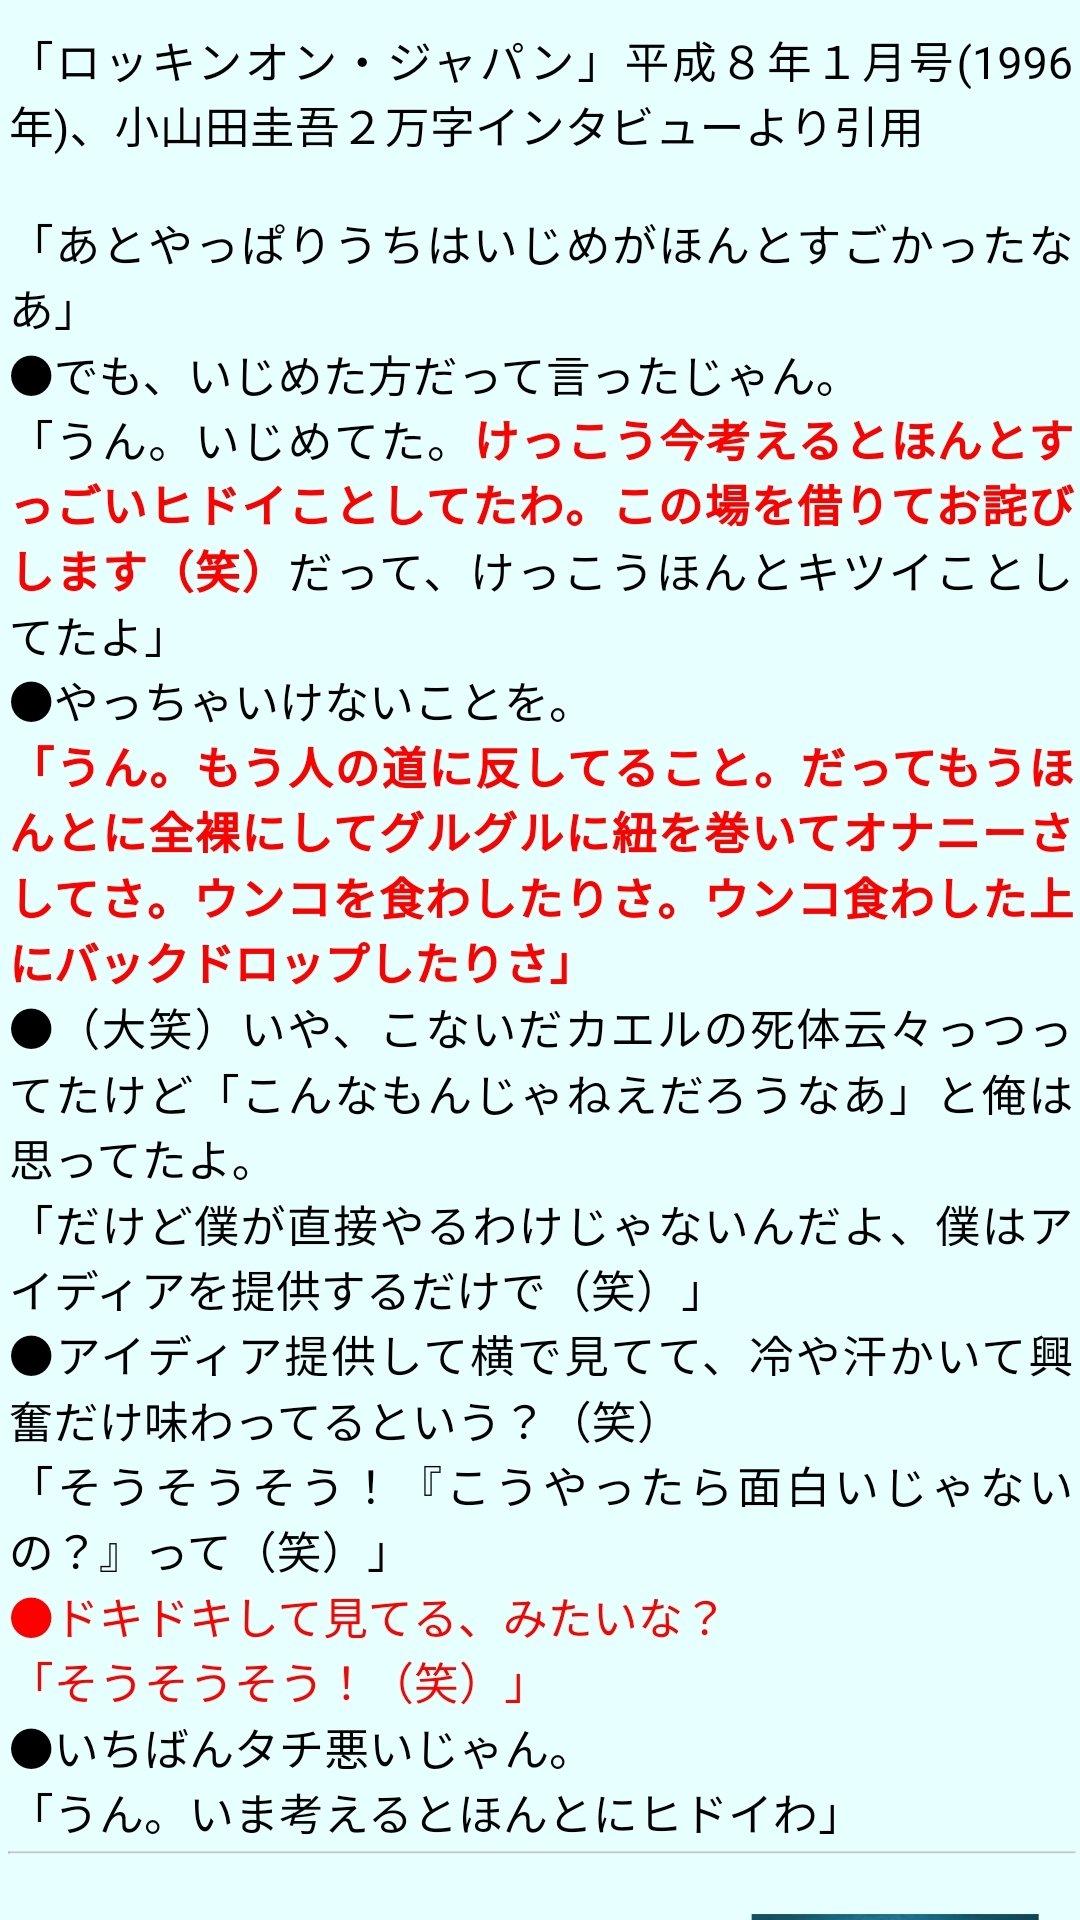 オリンピックの楽曲担当の小山田圭吾さんが昔のいじめで炎上!知的障害のある同級生にプロレス技かけウンコ食べさせる暴挙・・・